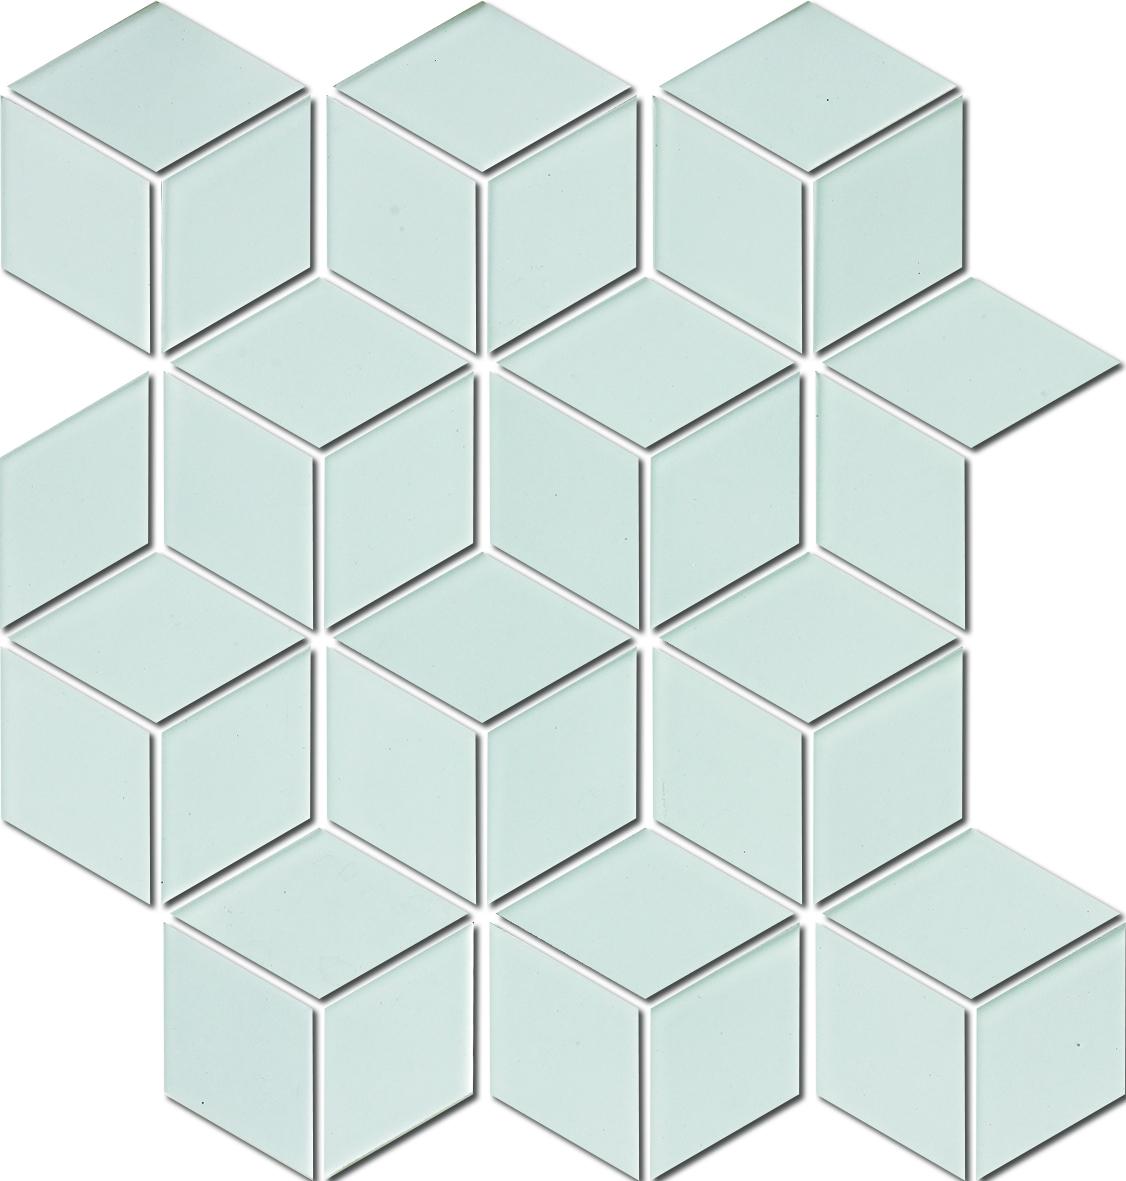 DIAMOND HEX WHITE HPAW6570 MATT R10 48x48mm (260x300) - Hansas Plaadimaailm